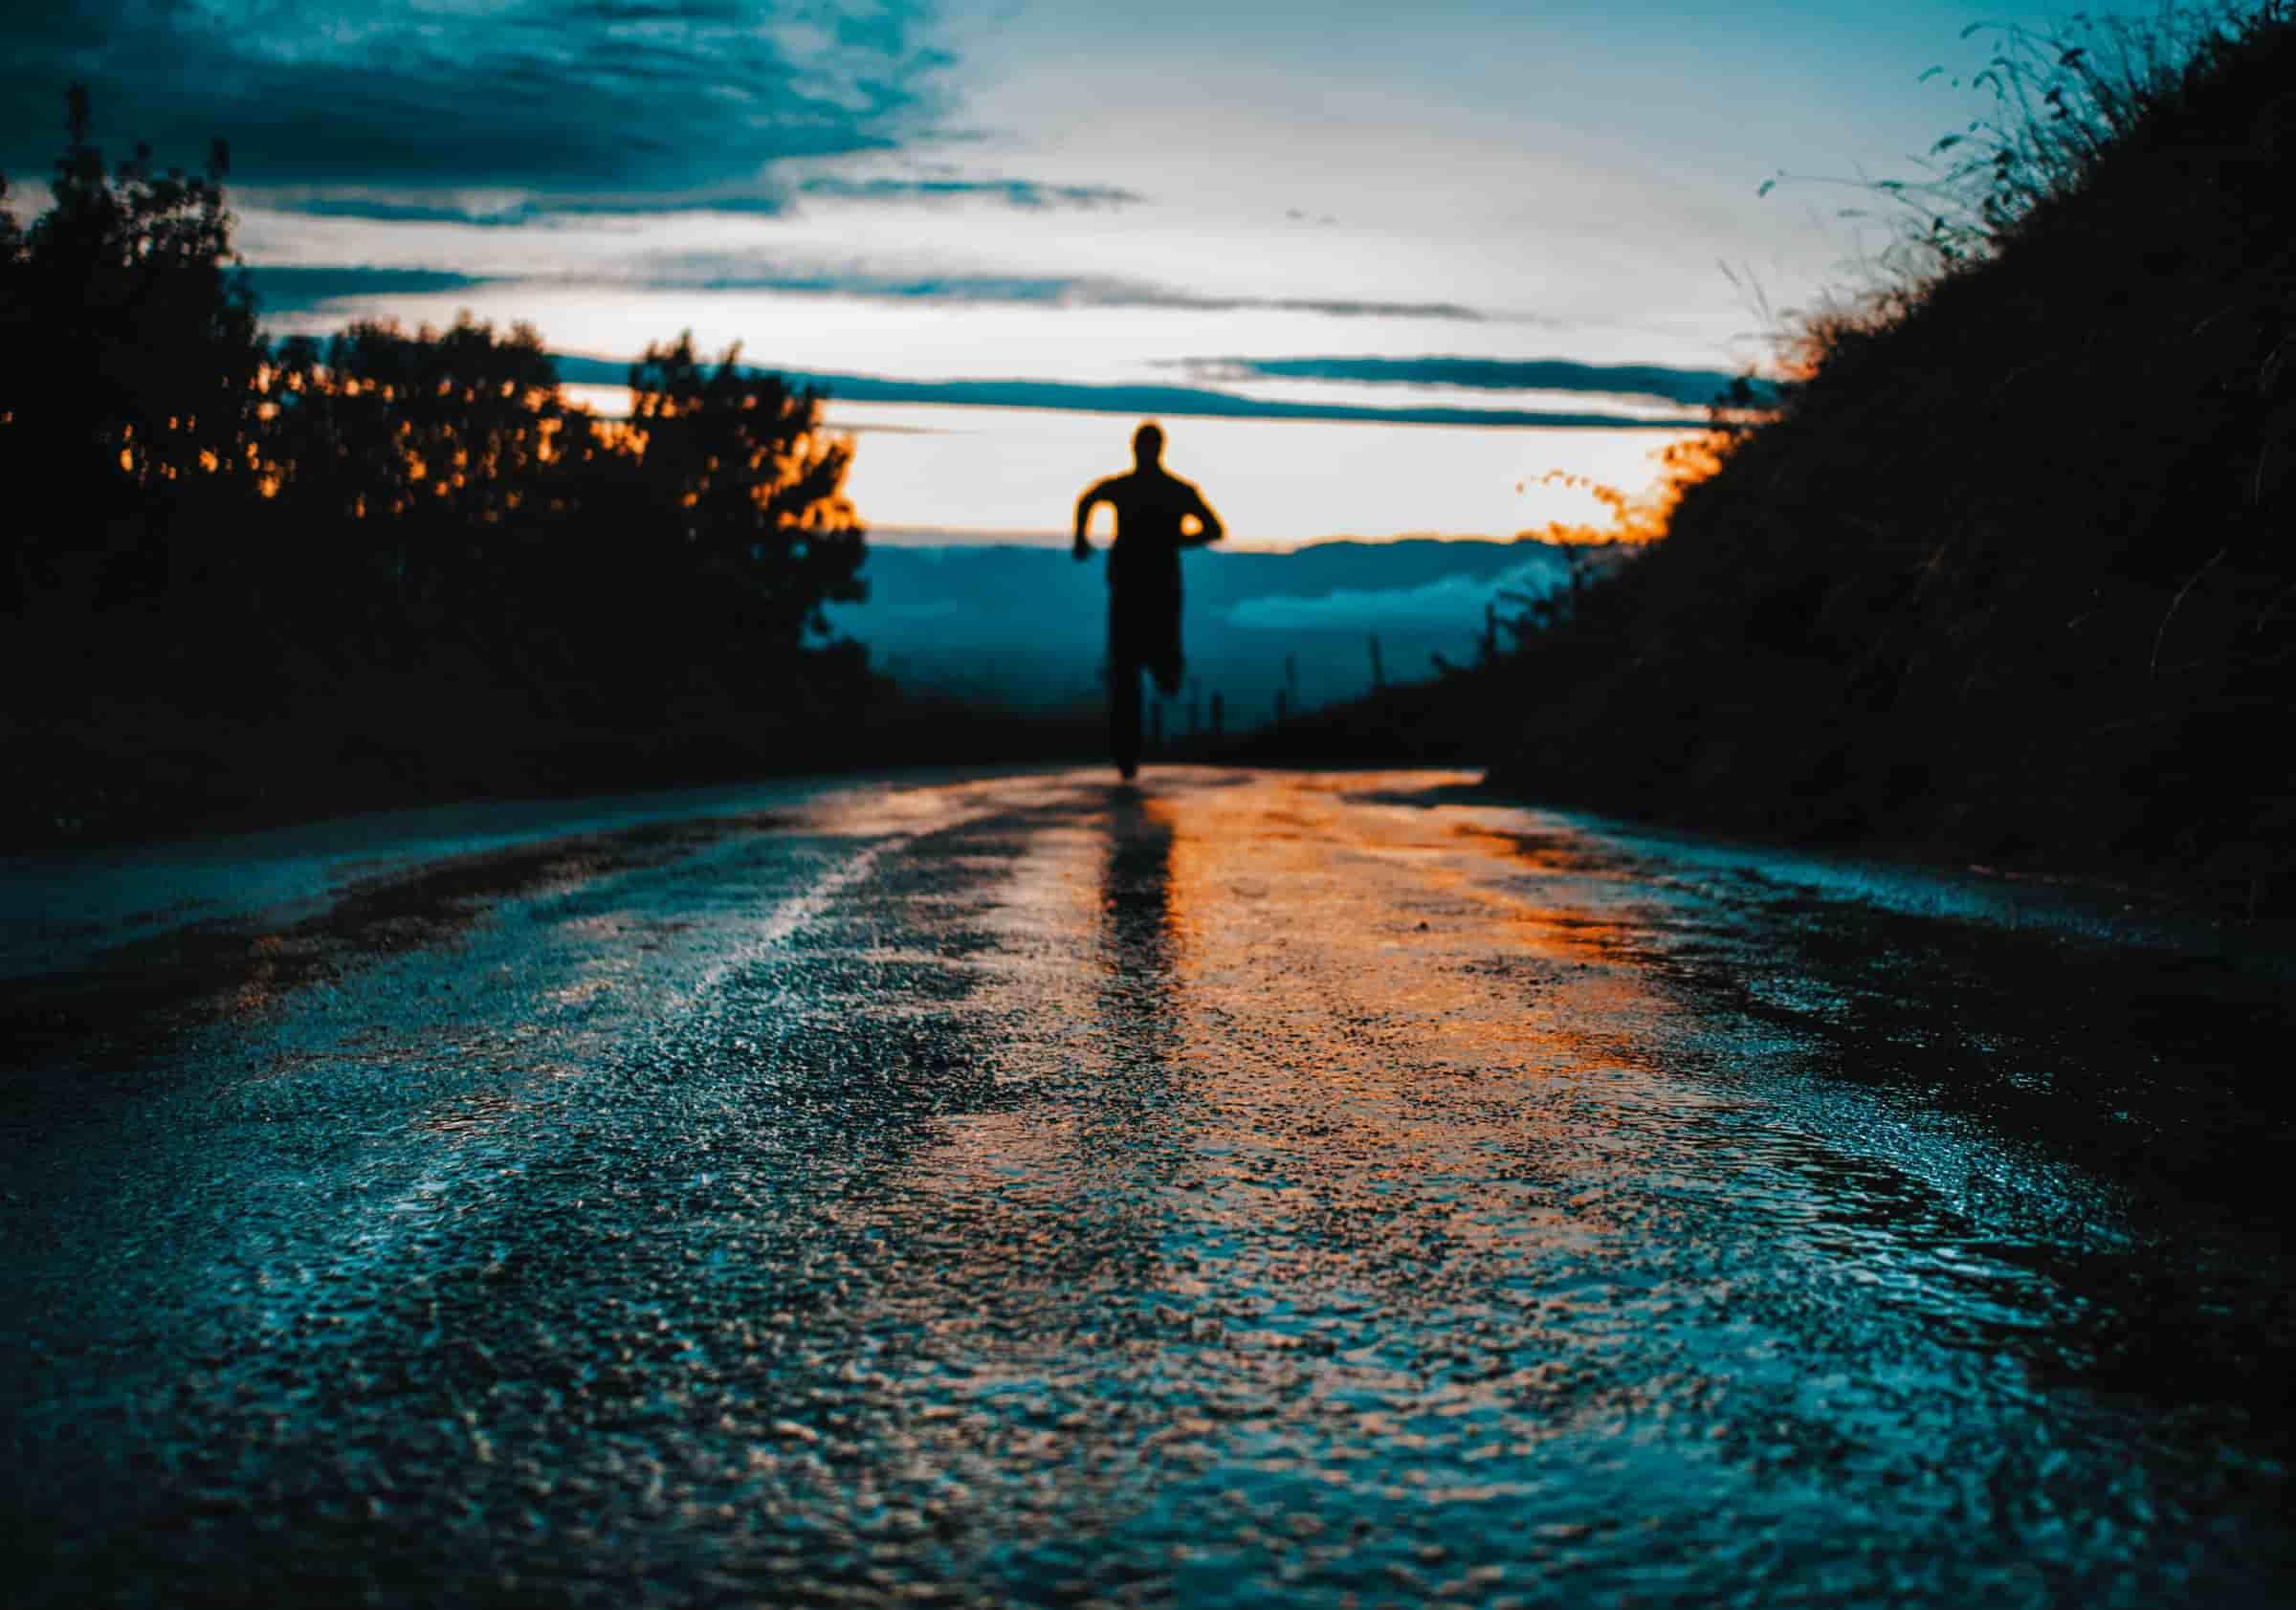 Correre con la pioggia: 4 incredibili effetti sul corpo